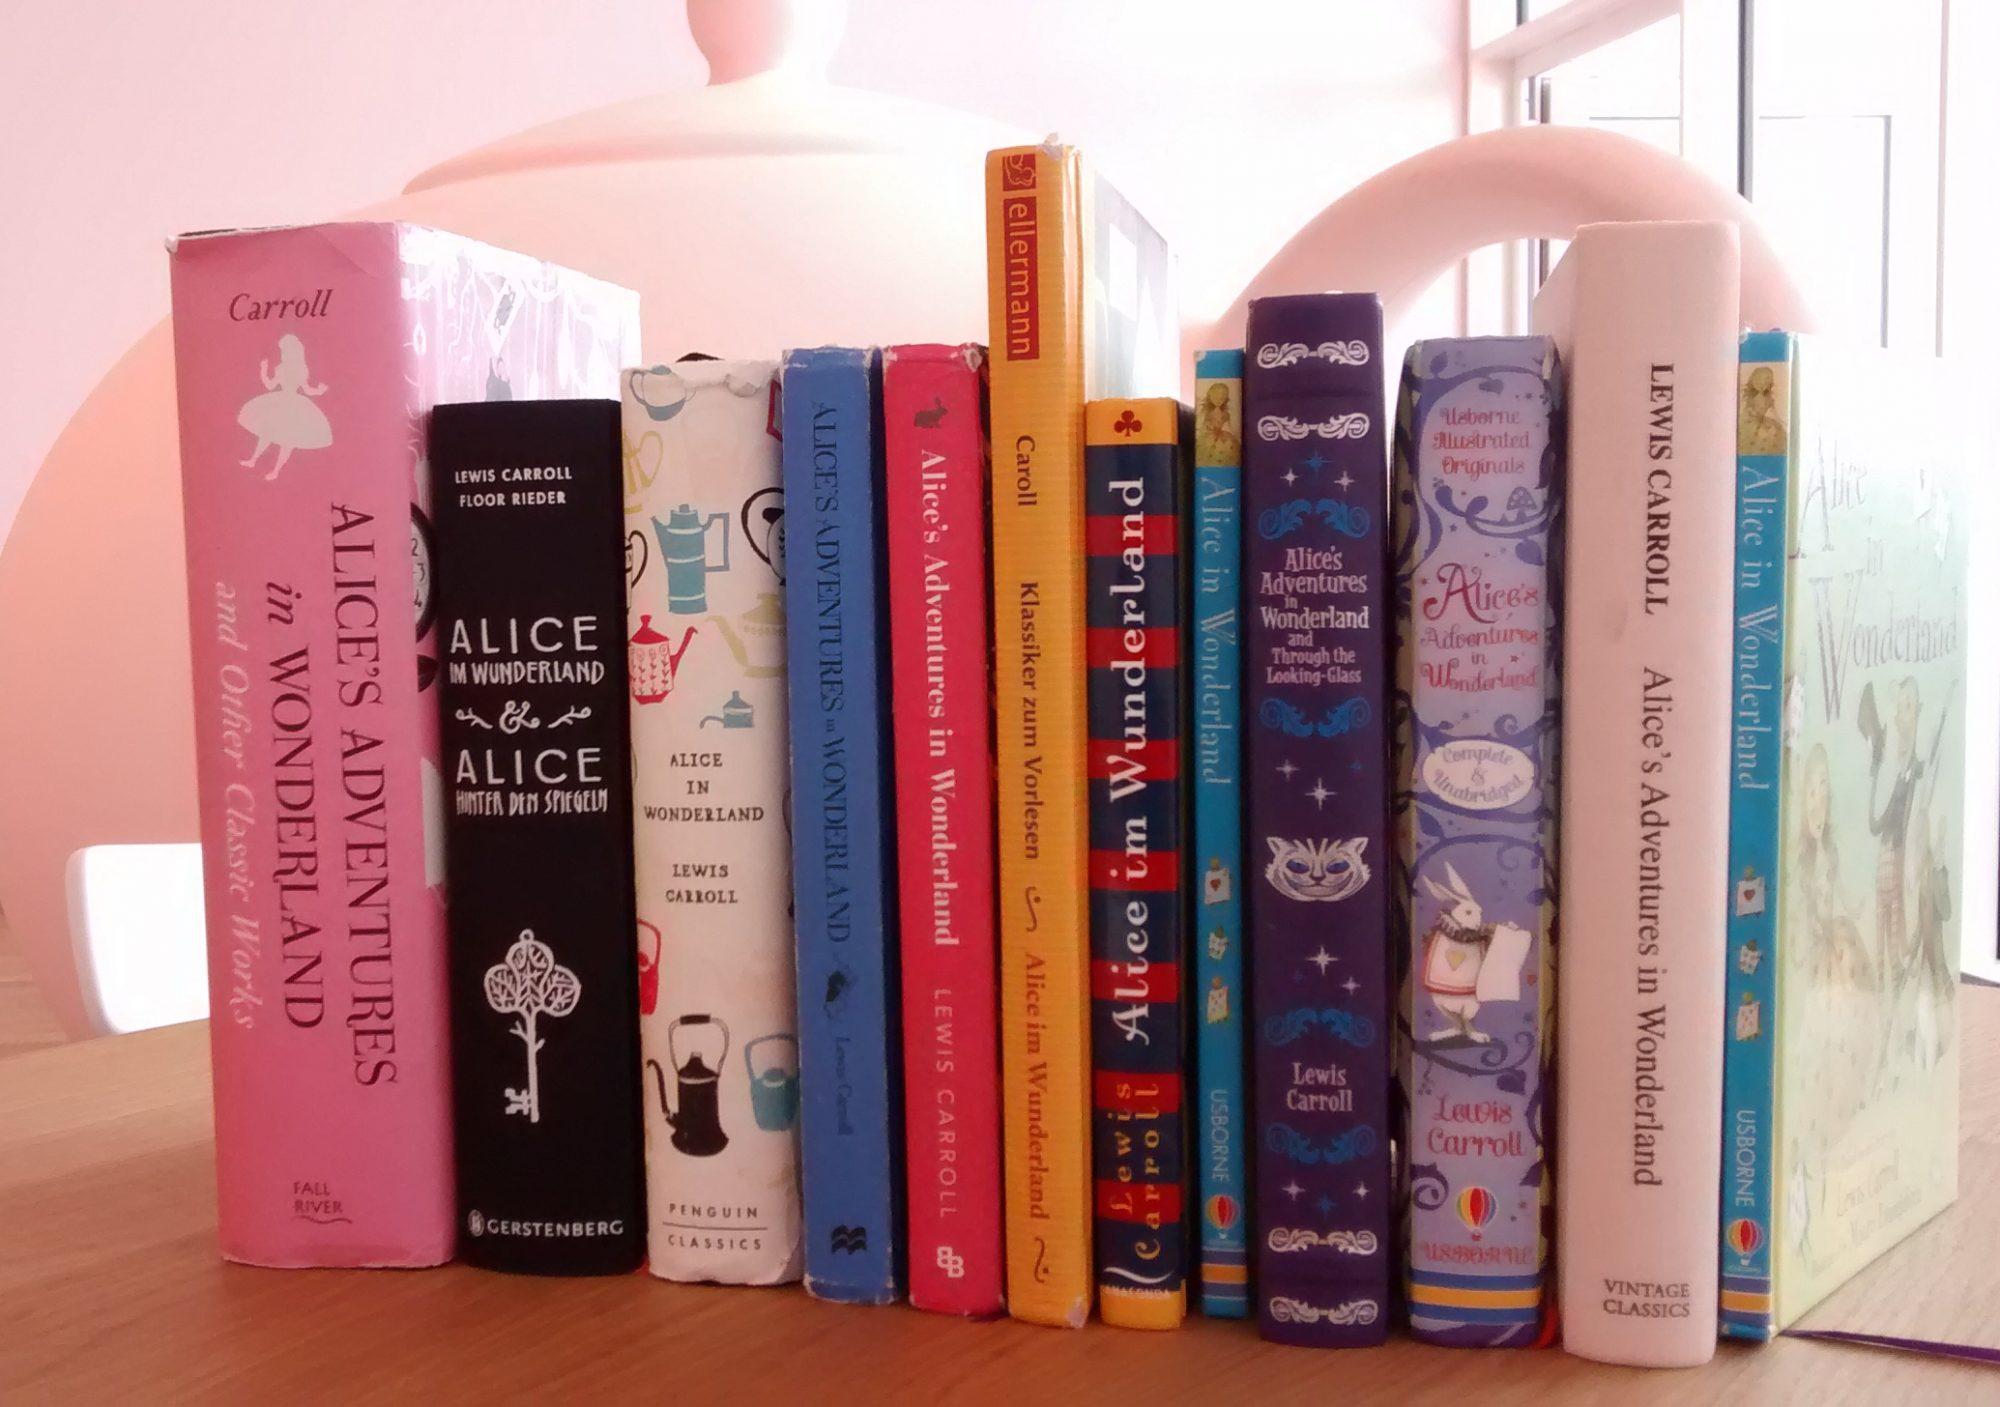 One's shelf